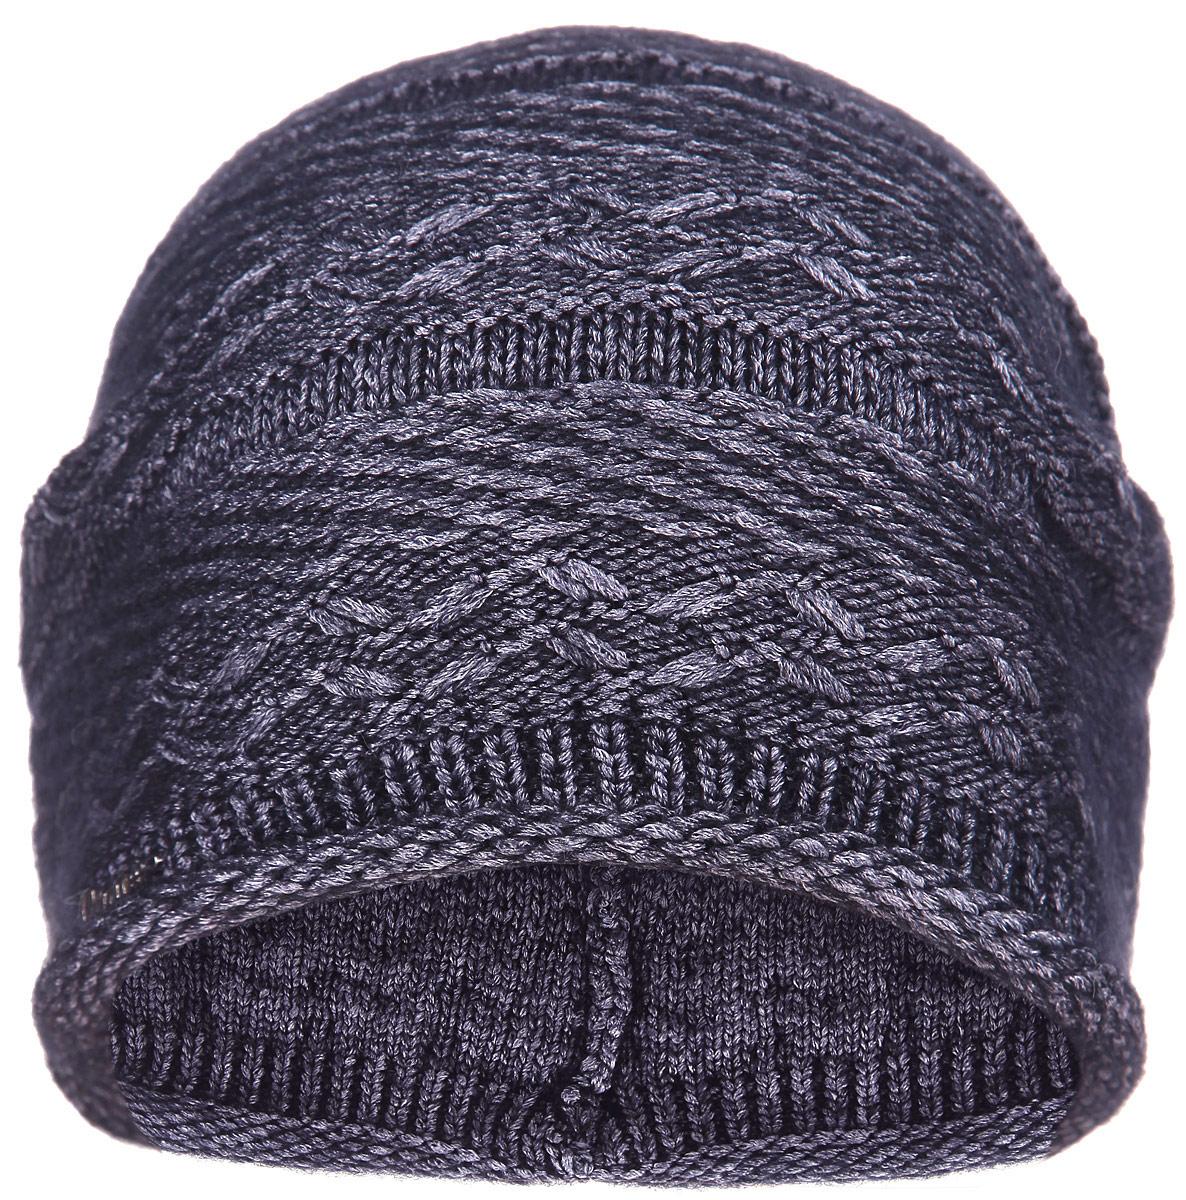 Шапка женская Amanda3445460Удлиненная женская шапка Canoe Amanda с ажурным рисунком отлично дополнит ваш образ в холодную погоду. Сочетание суперкид мохера, вискозы и полиамида максимально сохраняет тепло и обеспечивает удобную посадку, невероятную легкость и мягкость. Визуально пряжа имеет красивое , двухцветное переплетение, создающее ощущение глубины и объема внутри изделия. Шапка украшена небольшим декоративным элементом с изображением надписи Canoe. Привлекательная стильная шапка Canoe Amanda подчеркнет ваш неповторимый стиль и индивидуальность.